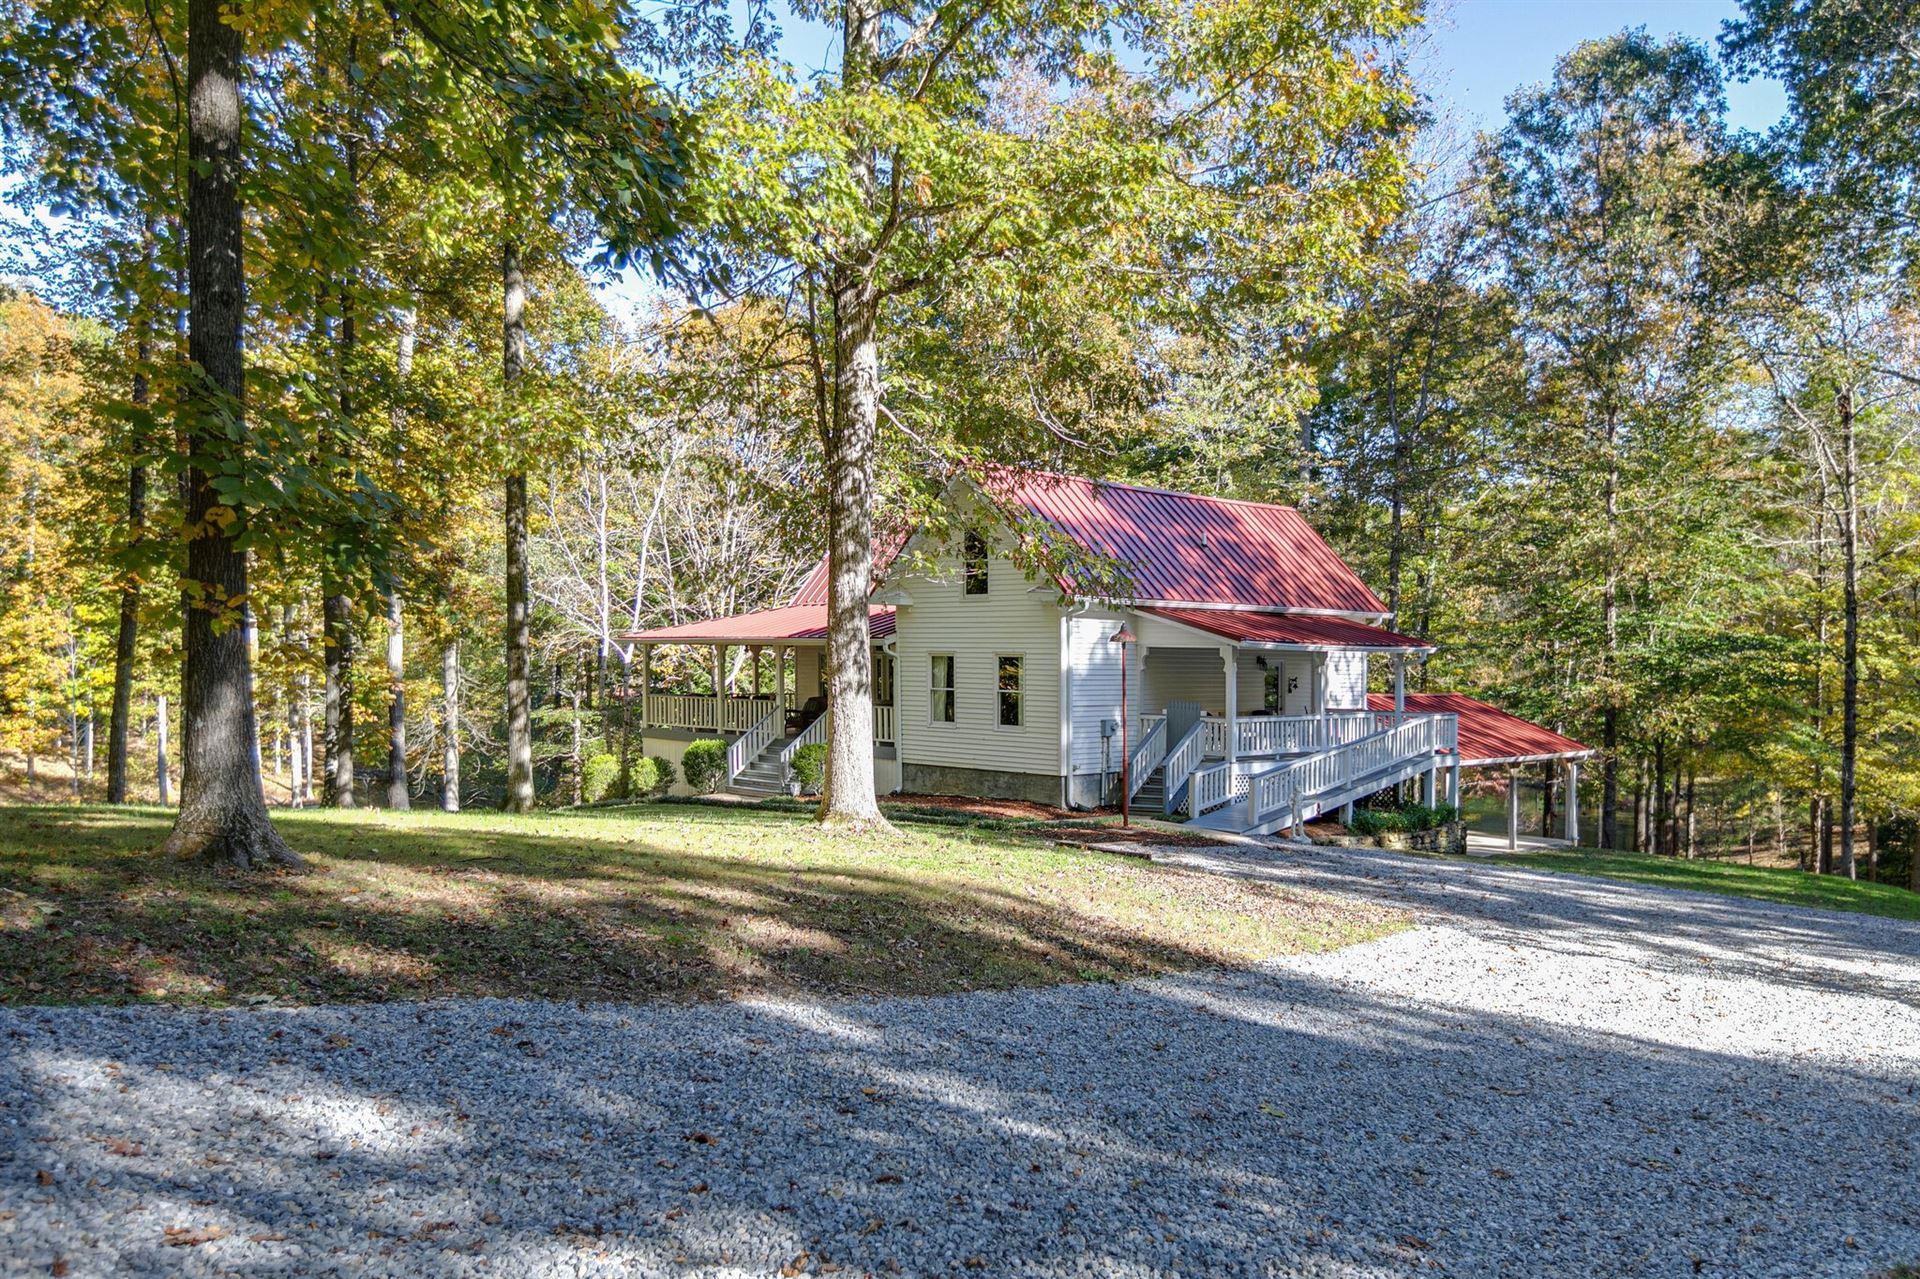 Photo of 5629 Pinewood Rd, Franklin, TN 37064 (MLS # 2303265)